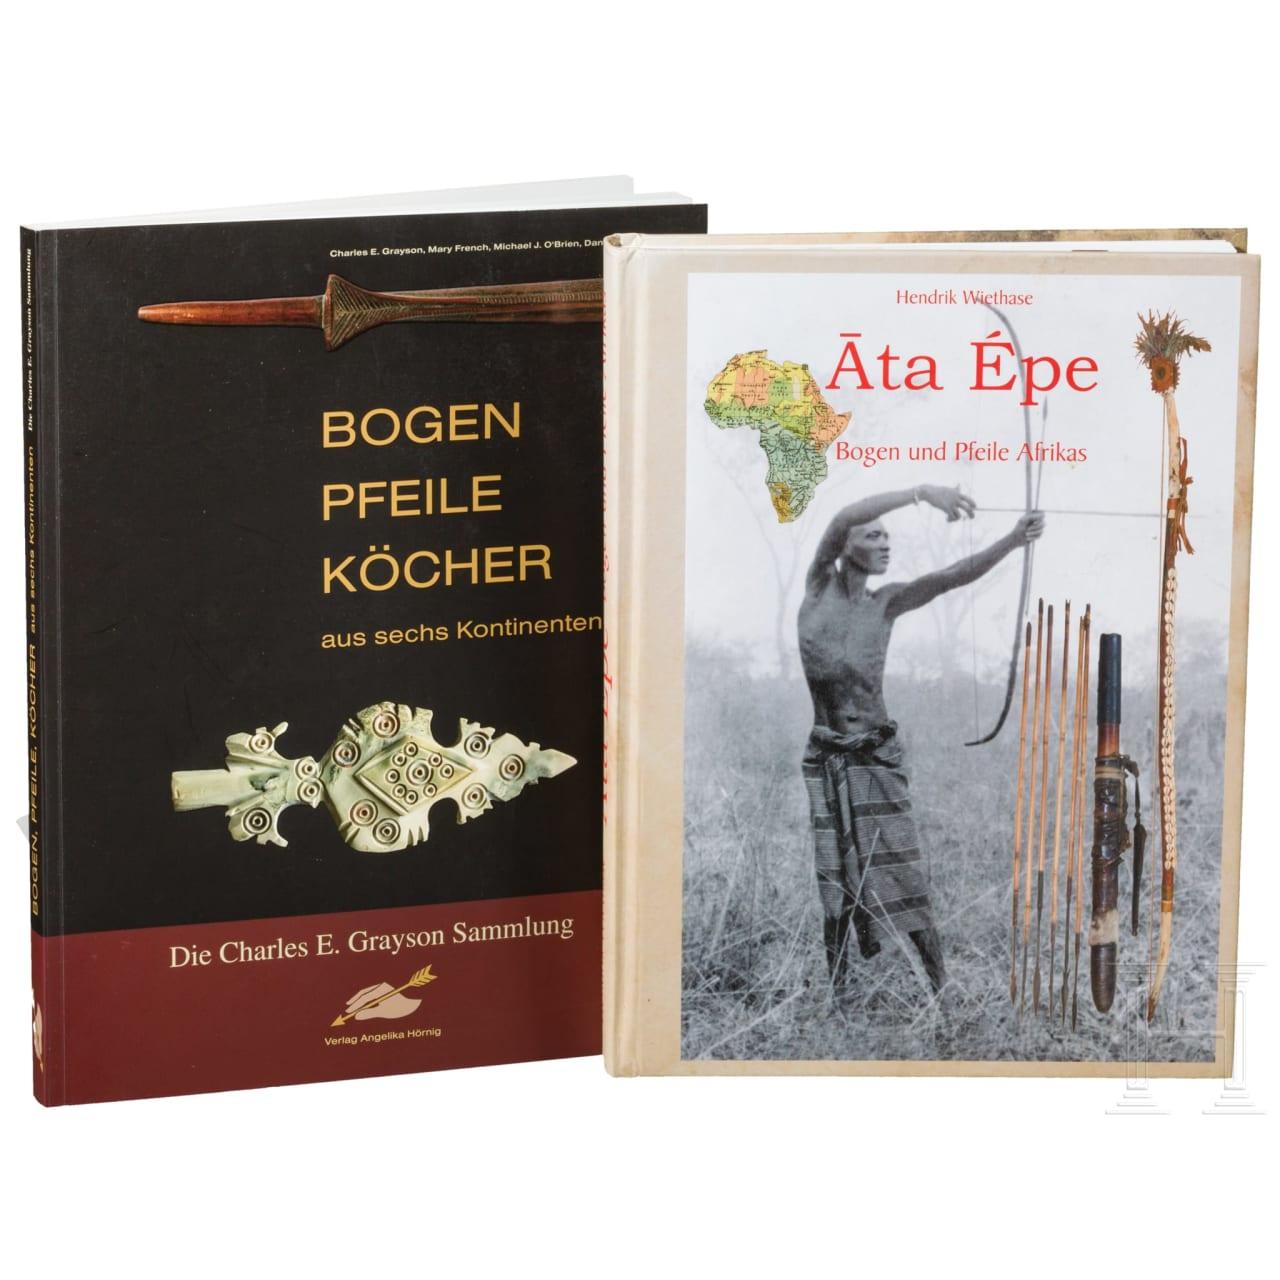 Zwei Bücher über Bogen und Pfeile